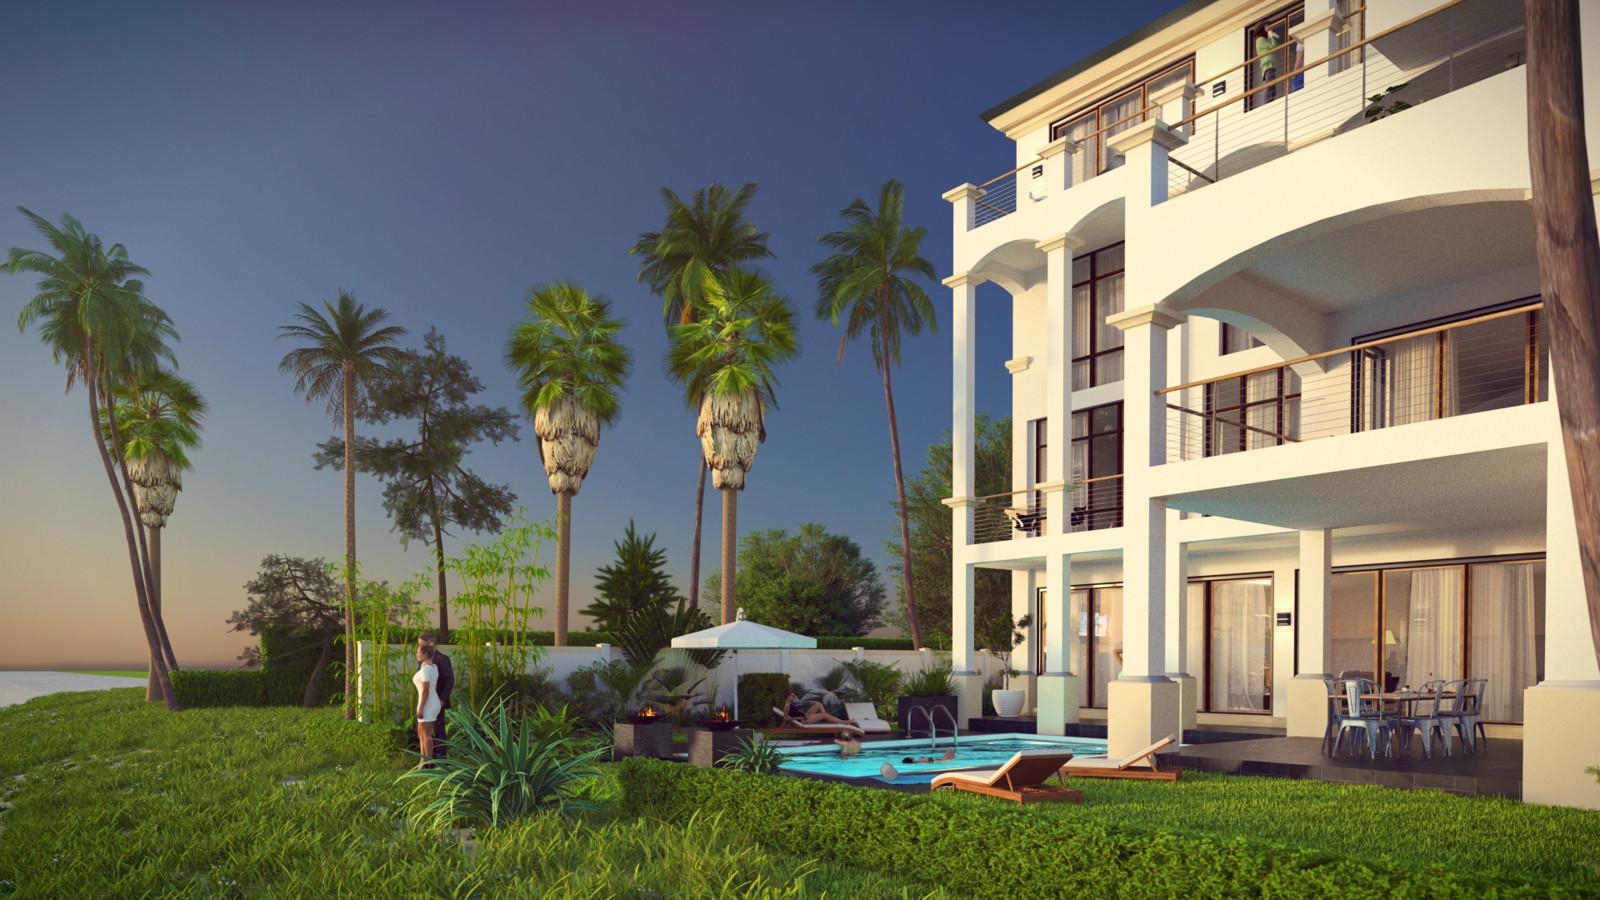 SketchUp + Thea Render  Seagrove Beach House: Back Garden 02 2pt Studio A Lumina Early 1920 × 1080 Presto MC Bucket